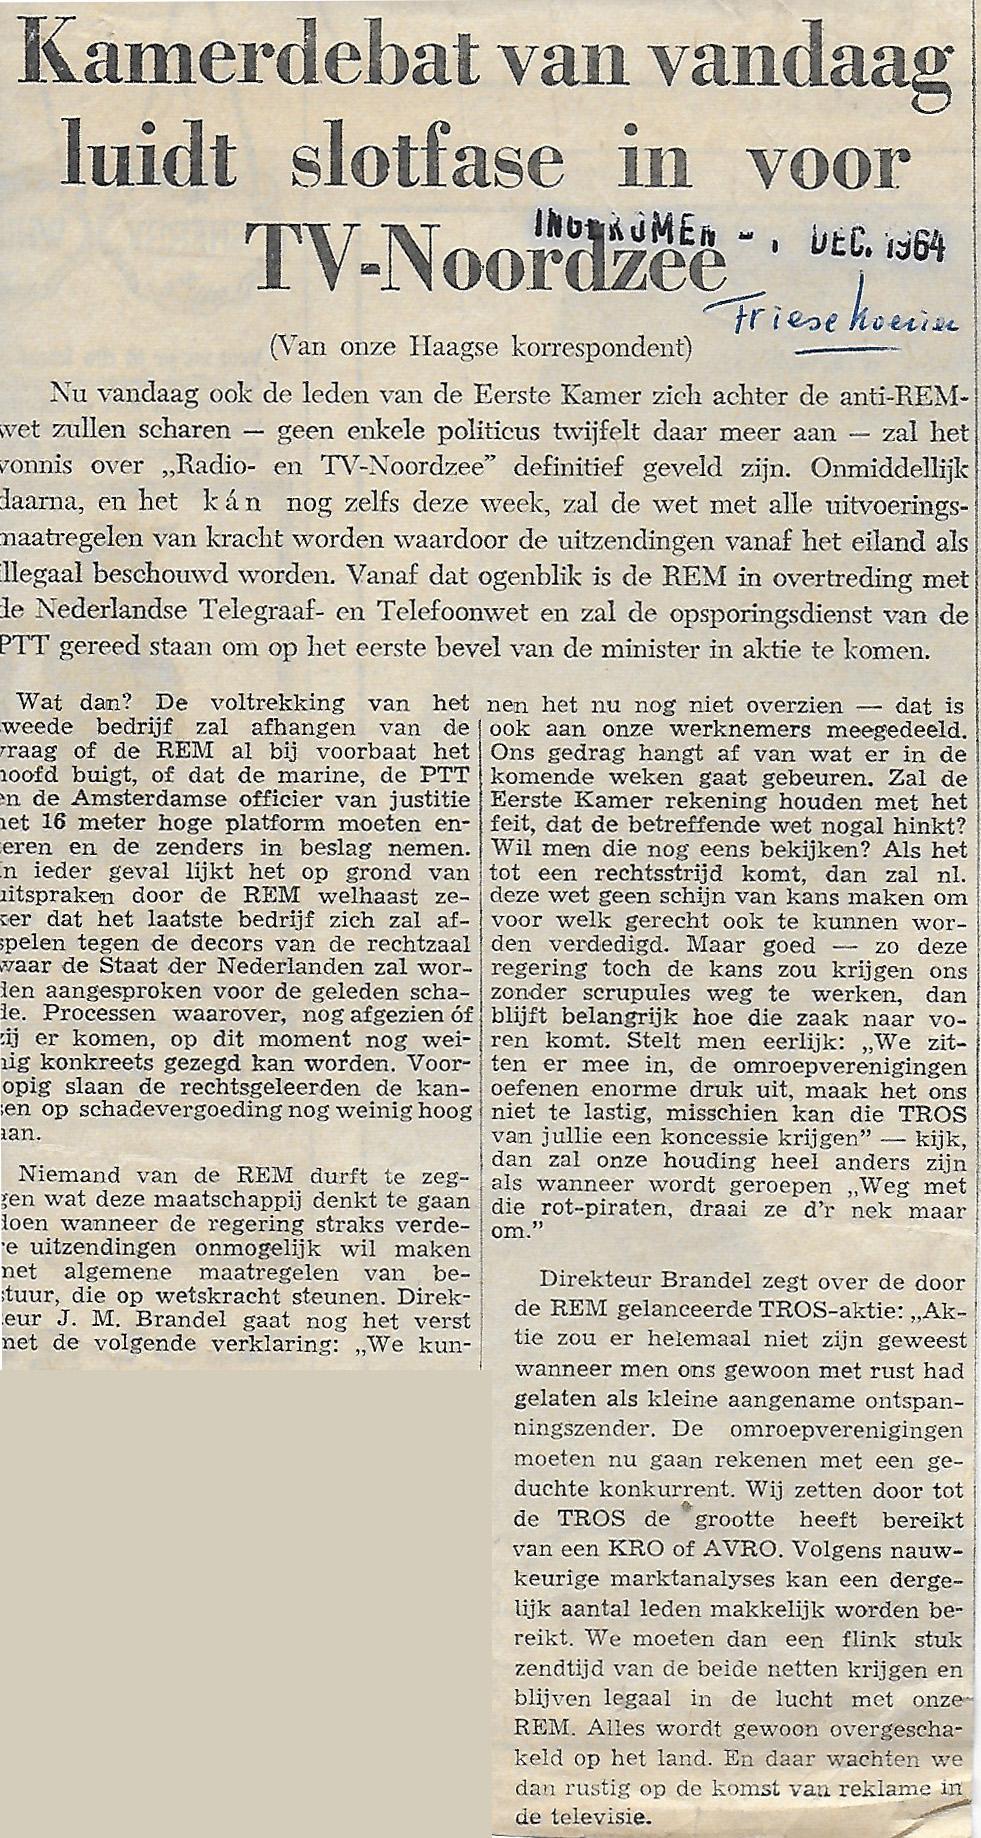 19641201 Friese Koerier Kamerdebat van vandaag slotfase voor TV Noordzee.jpg